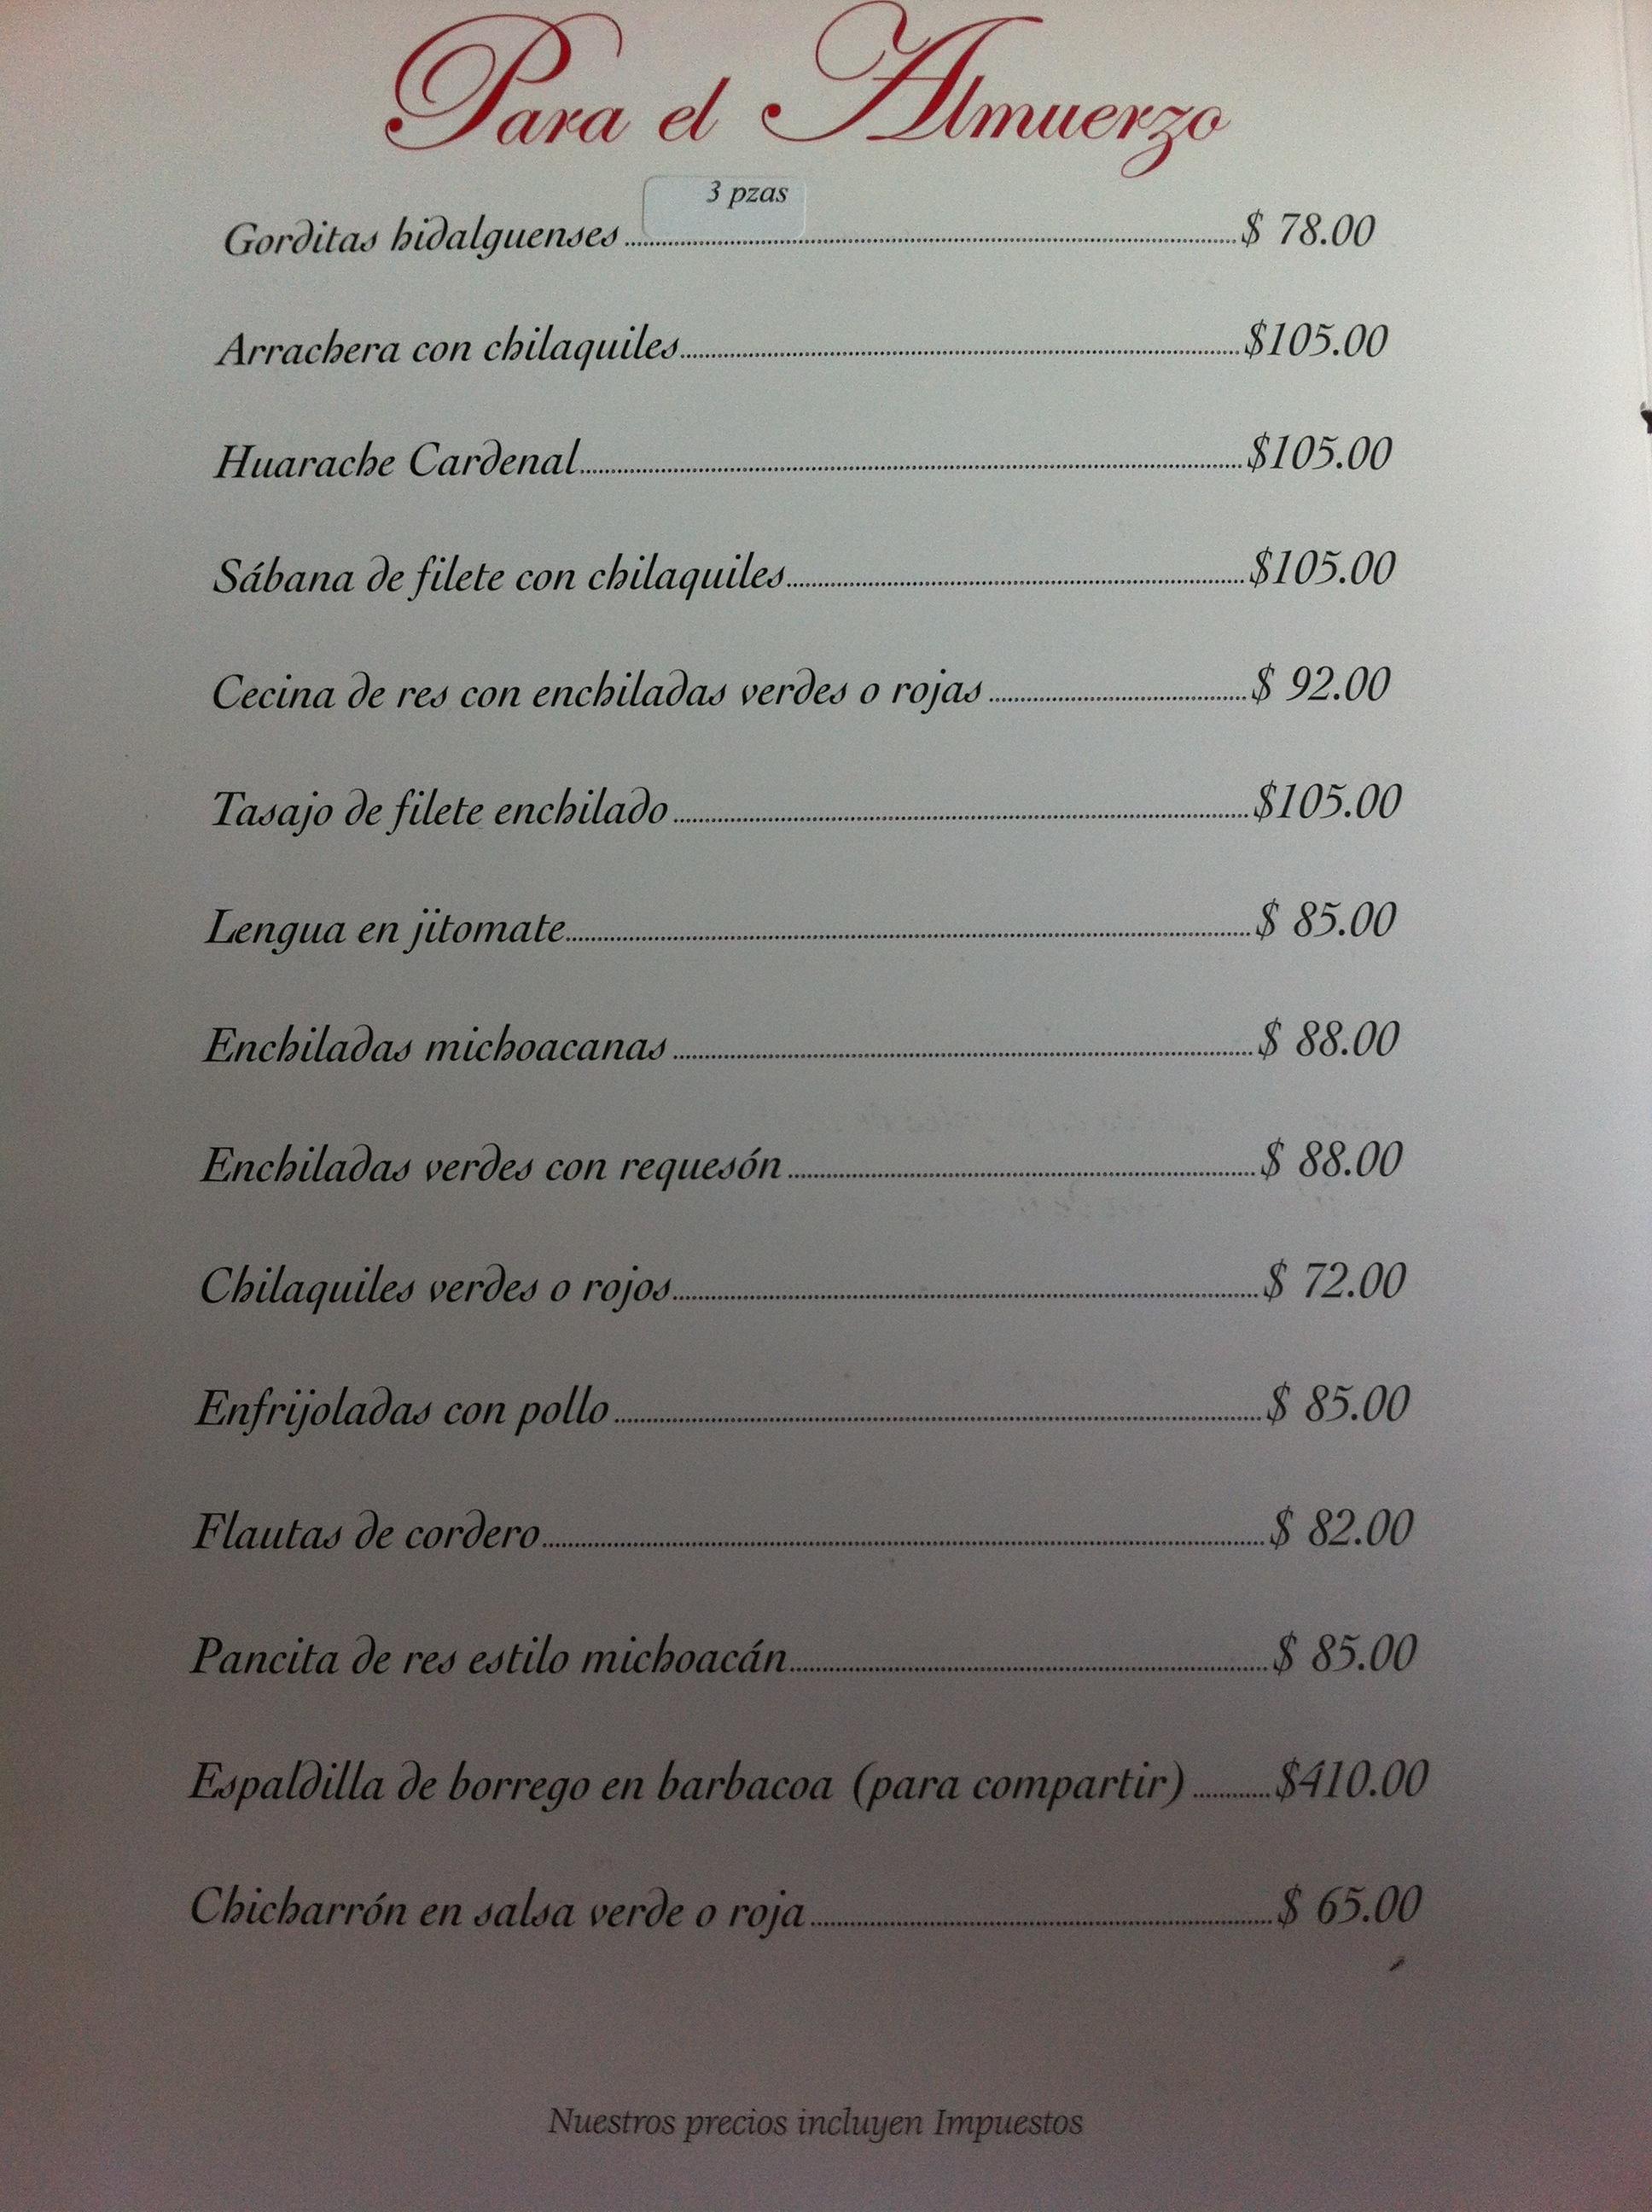 Men 250 Restaurante El Cardenal Comalca Gourmet